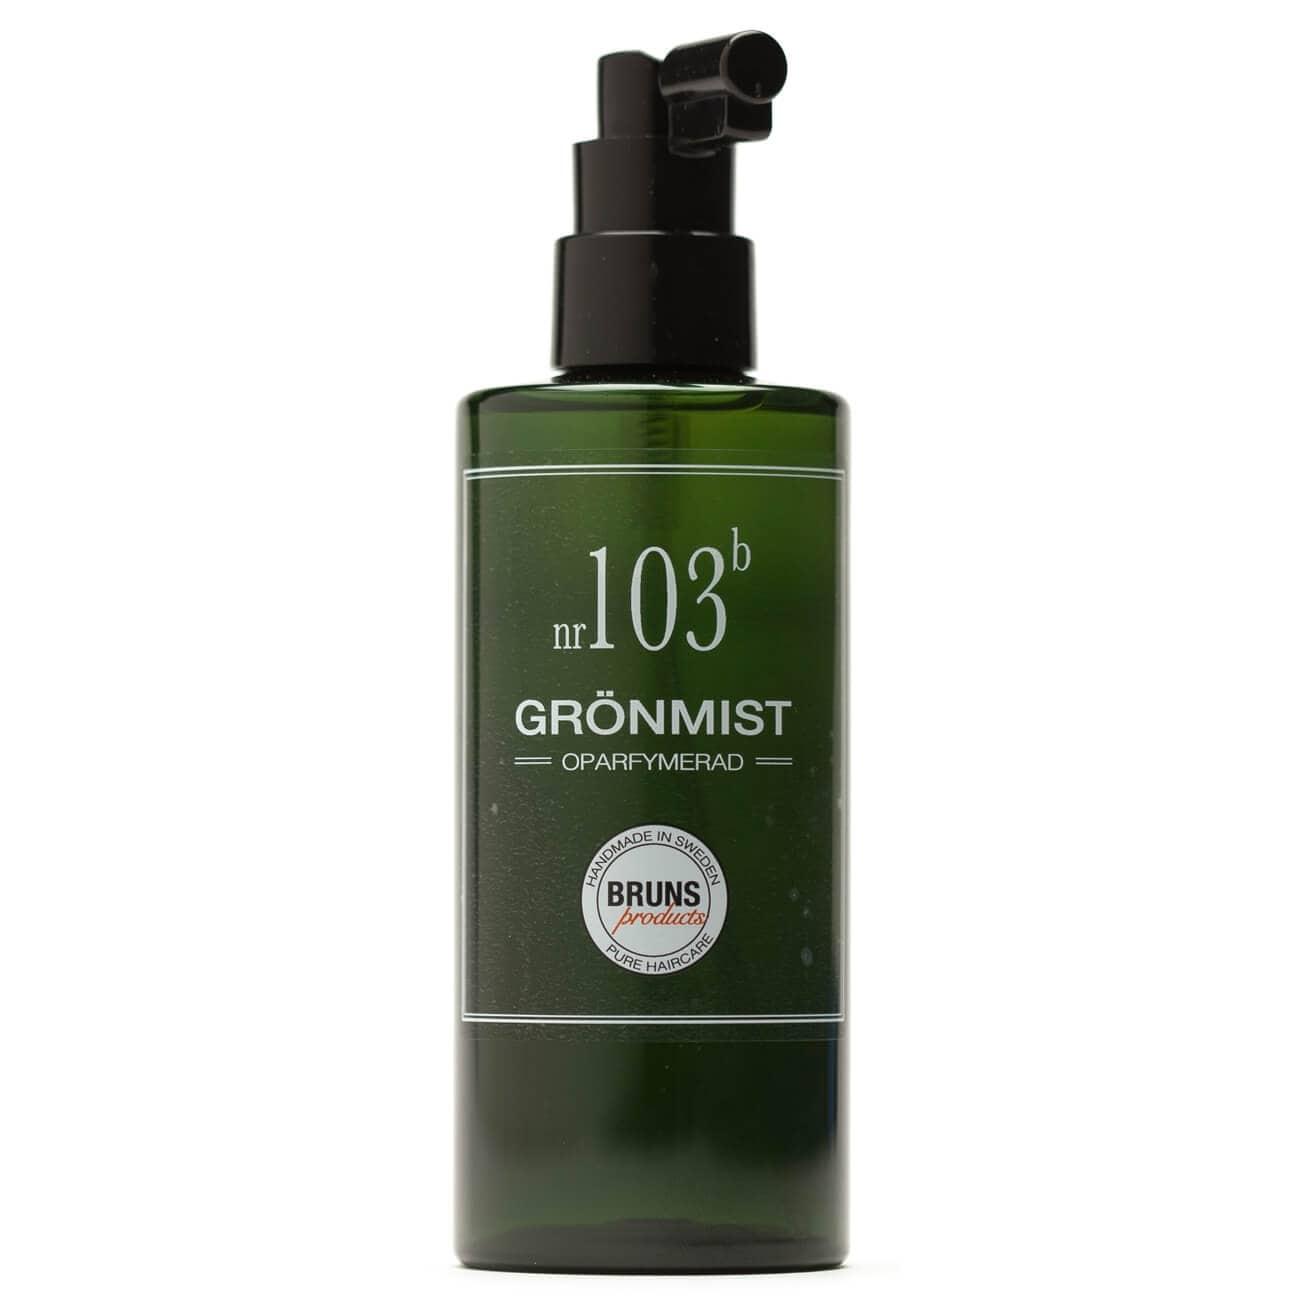 Bruns Products Grönmist 103b SPA, 200ml - Oparfymerad